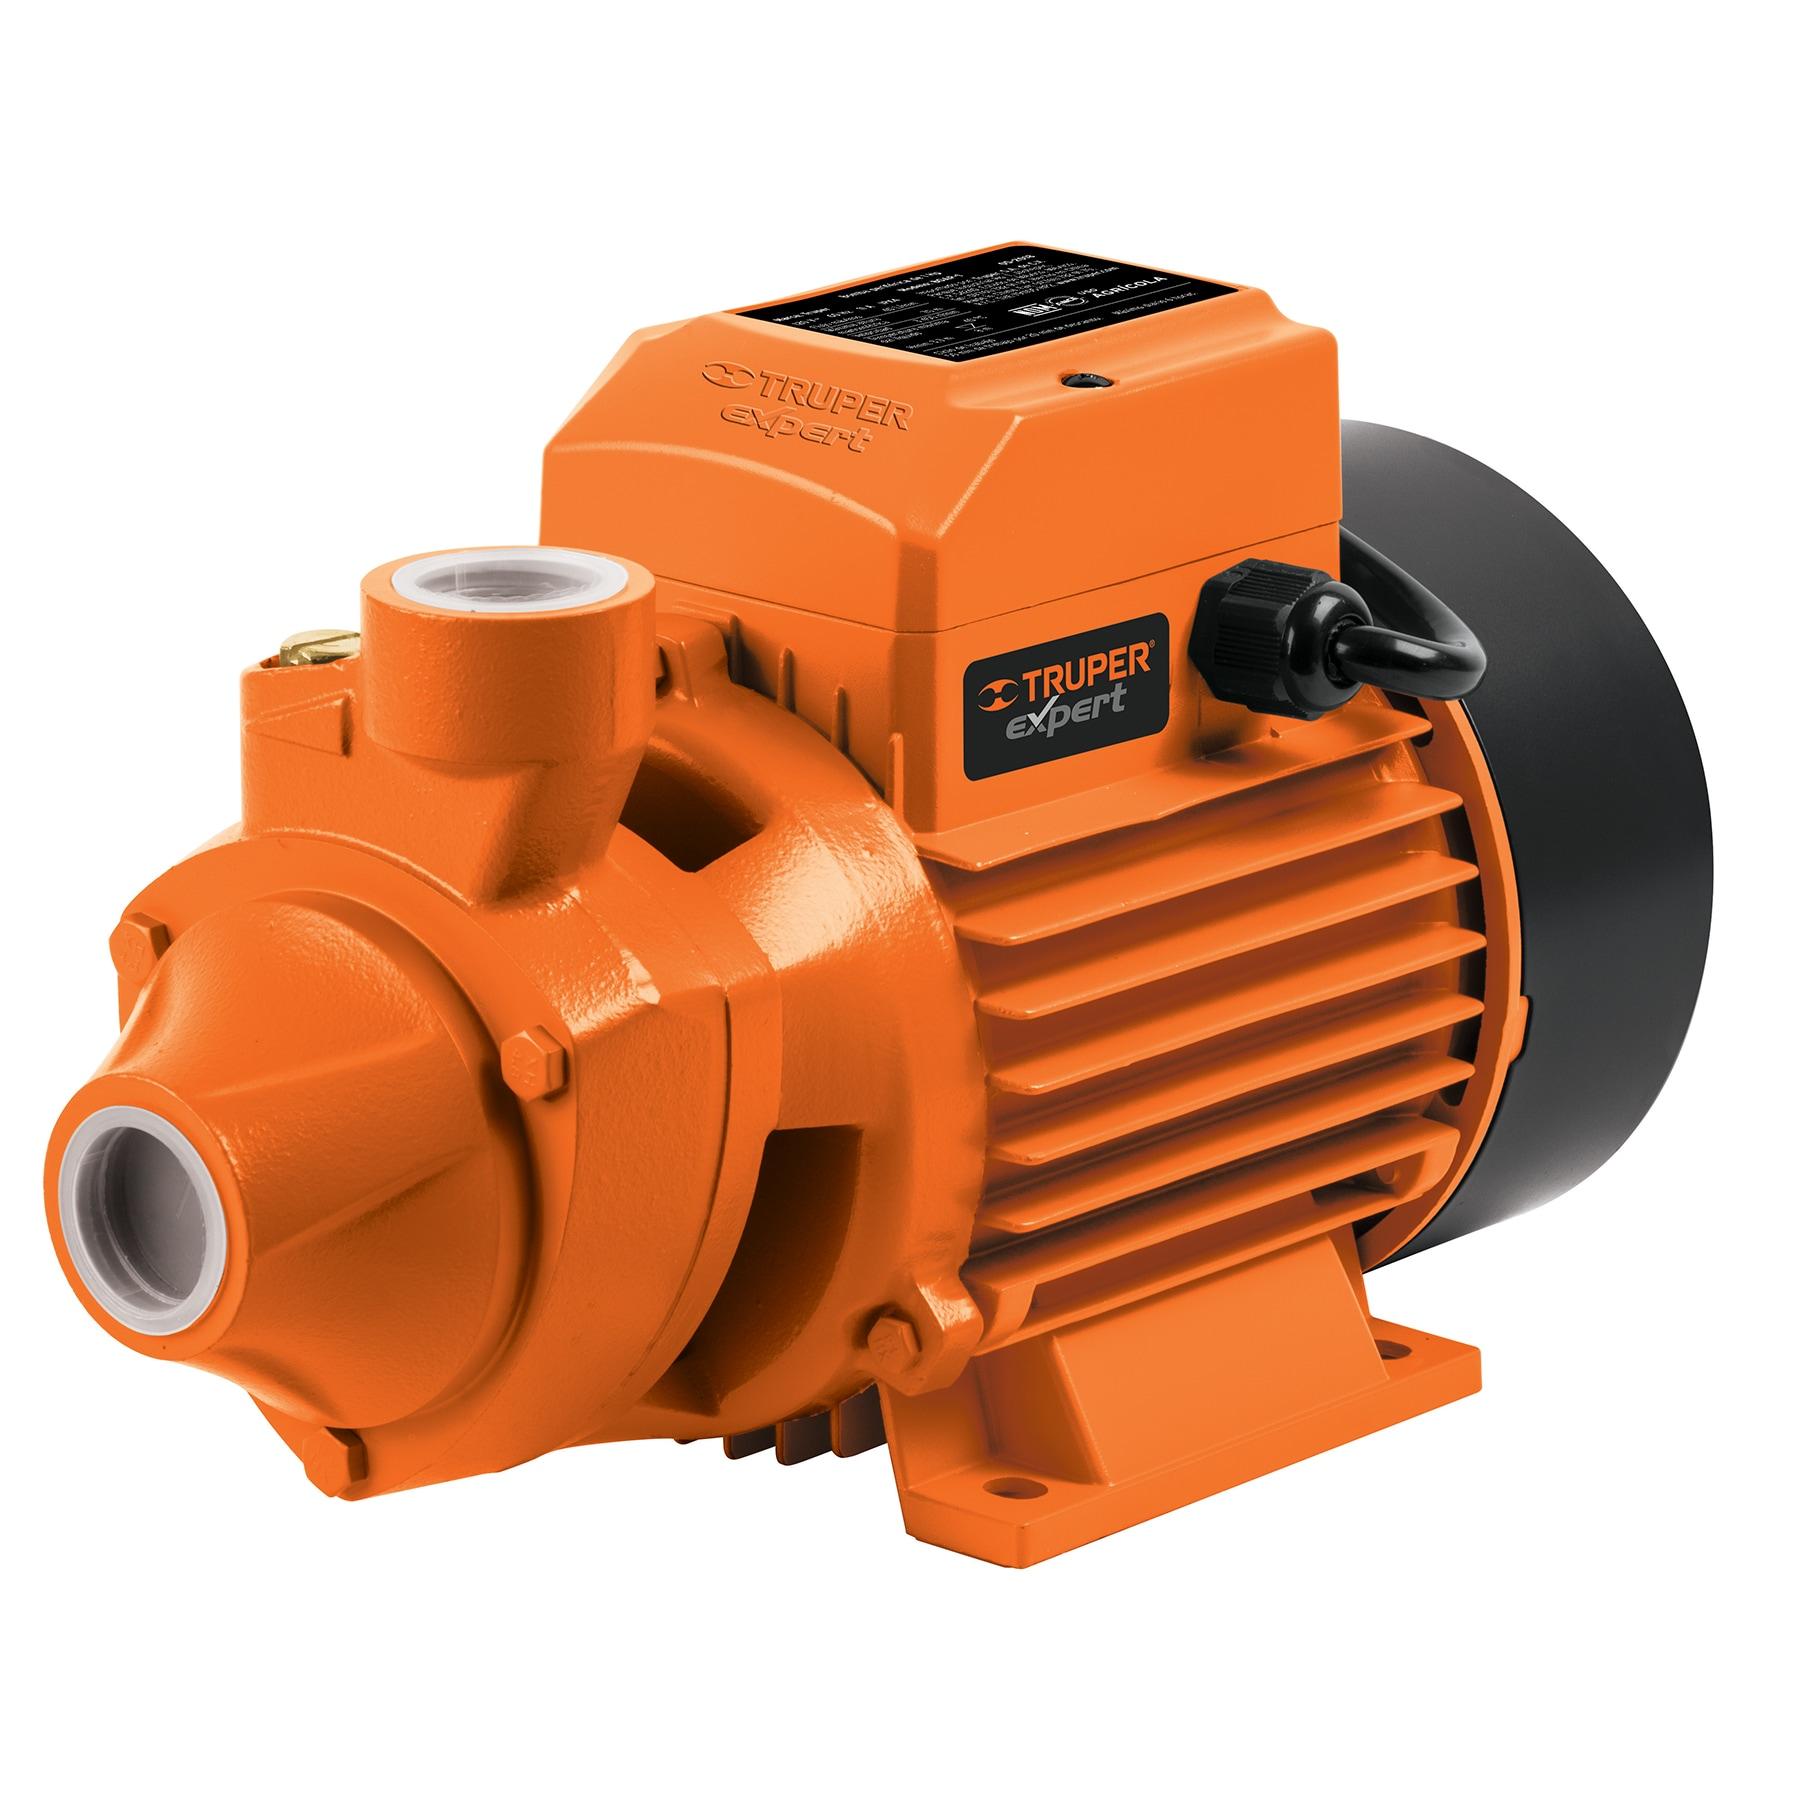 Bomba eléctrica periférica para agua 1 HP, Truper Expert